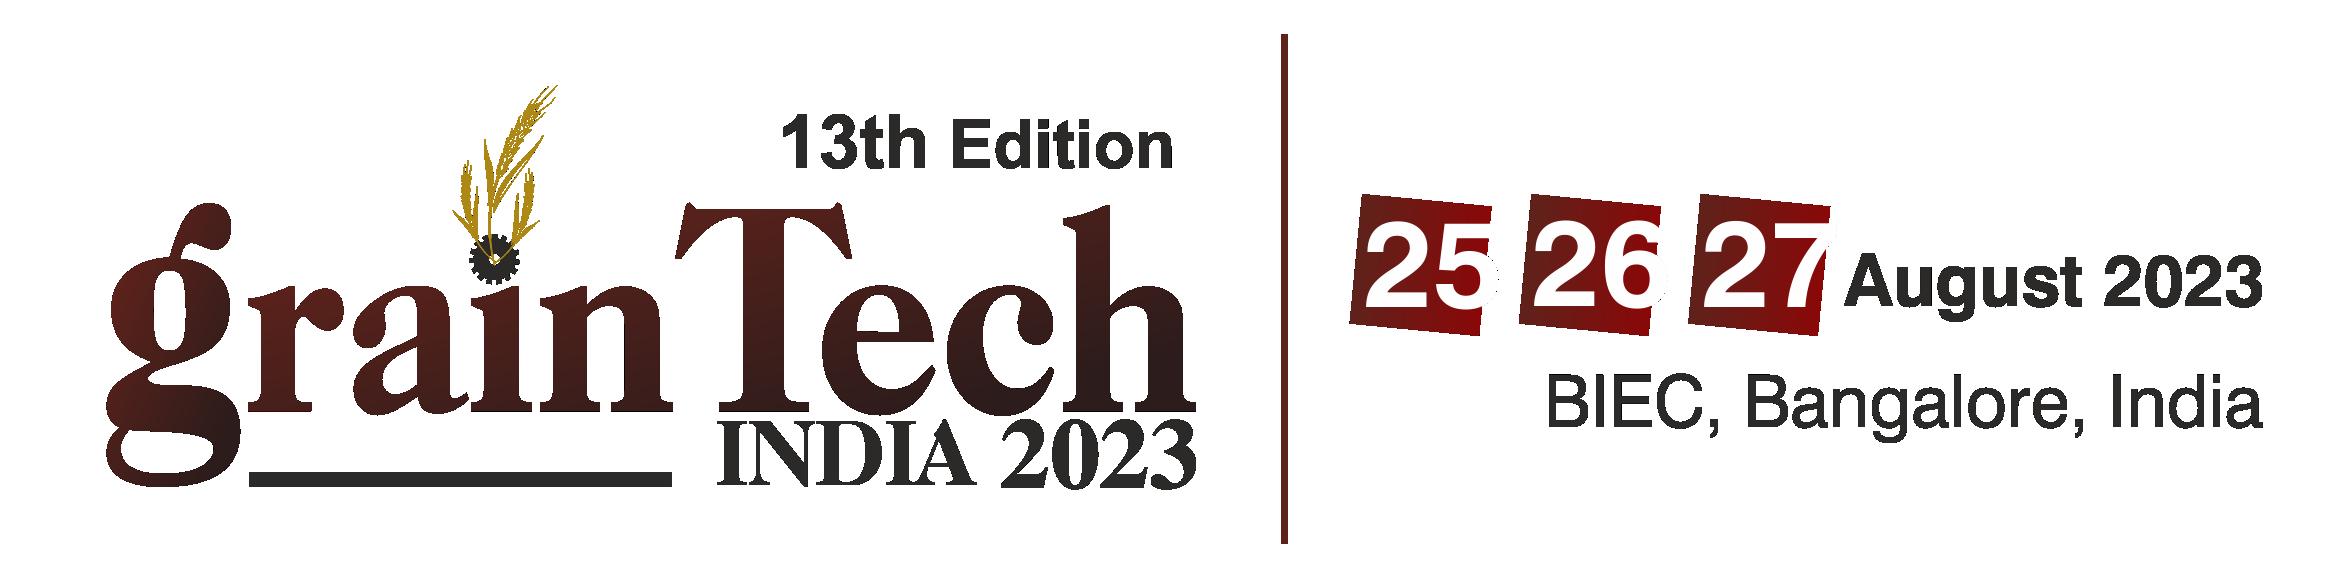 Graintech India Exhibition 2019